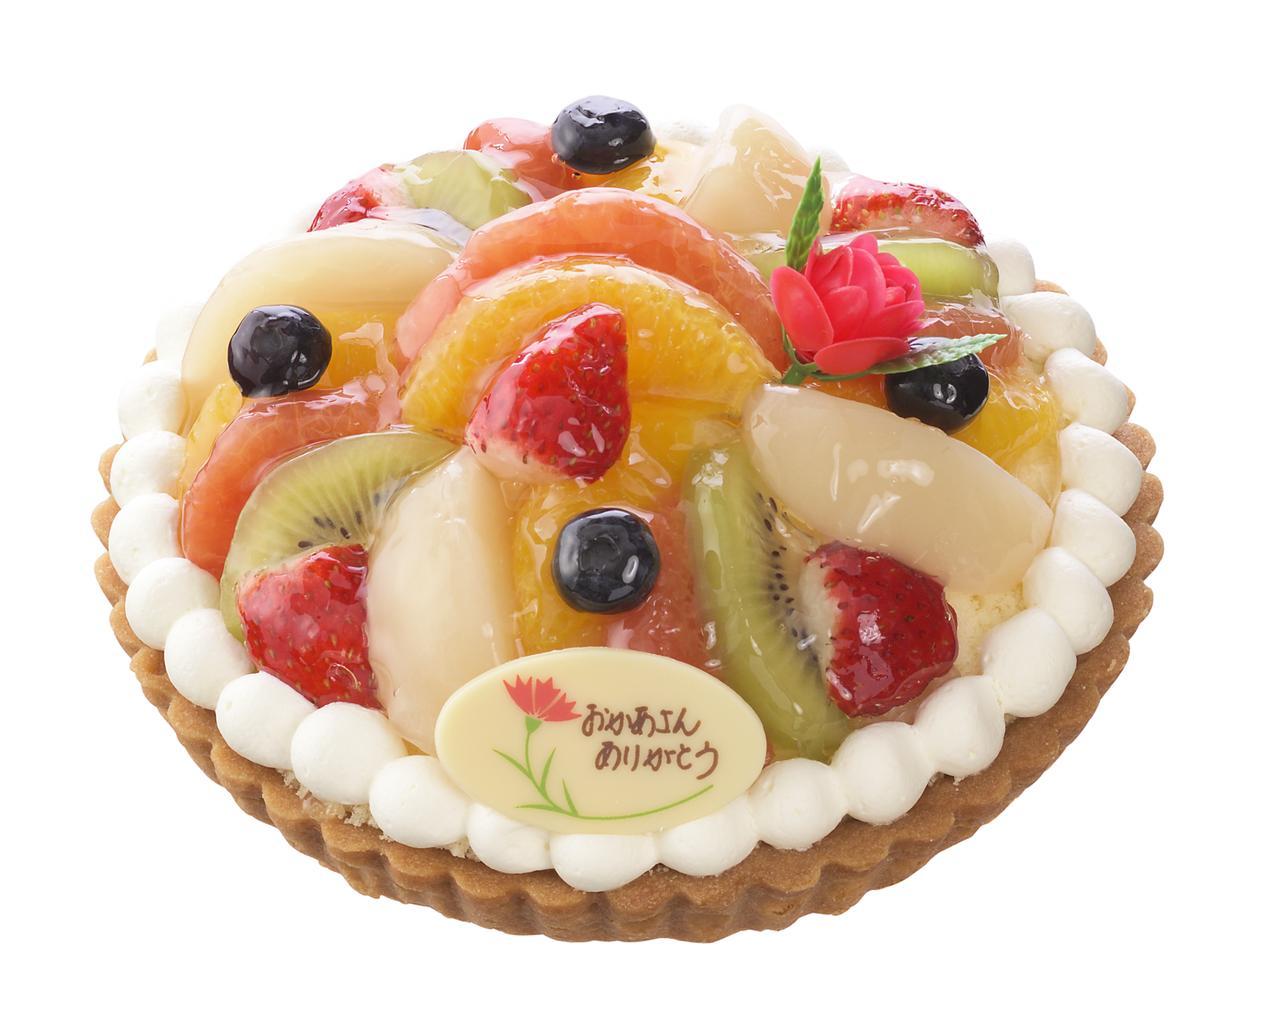 画像: 価 格: <直径15cm、5~6人分>¥2,500(税込¥2,700) 販売期間: 2017年5月12日(金)~14日(日) 特 長: 苺、キウイフルーツ、ブルーベリーなど7種のフルーツを使用した彩りゆたかなタルト。カスタードのまろやかさにフルーツの酸味がとけ合う、爽やかな味わいです。バラの花ピック付き。